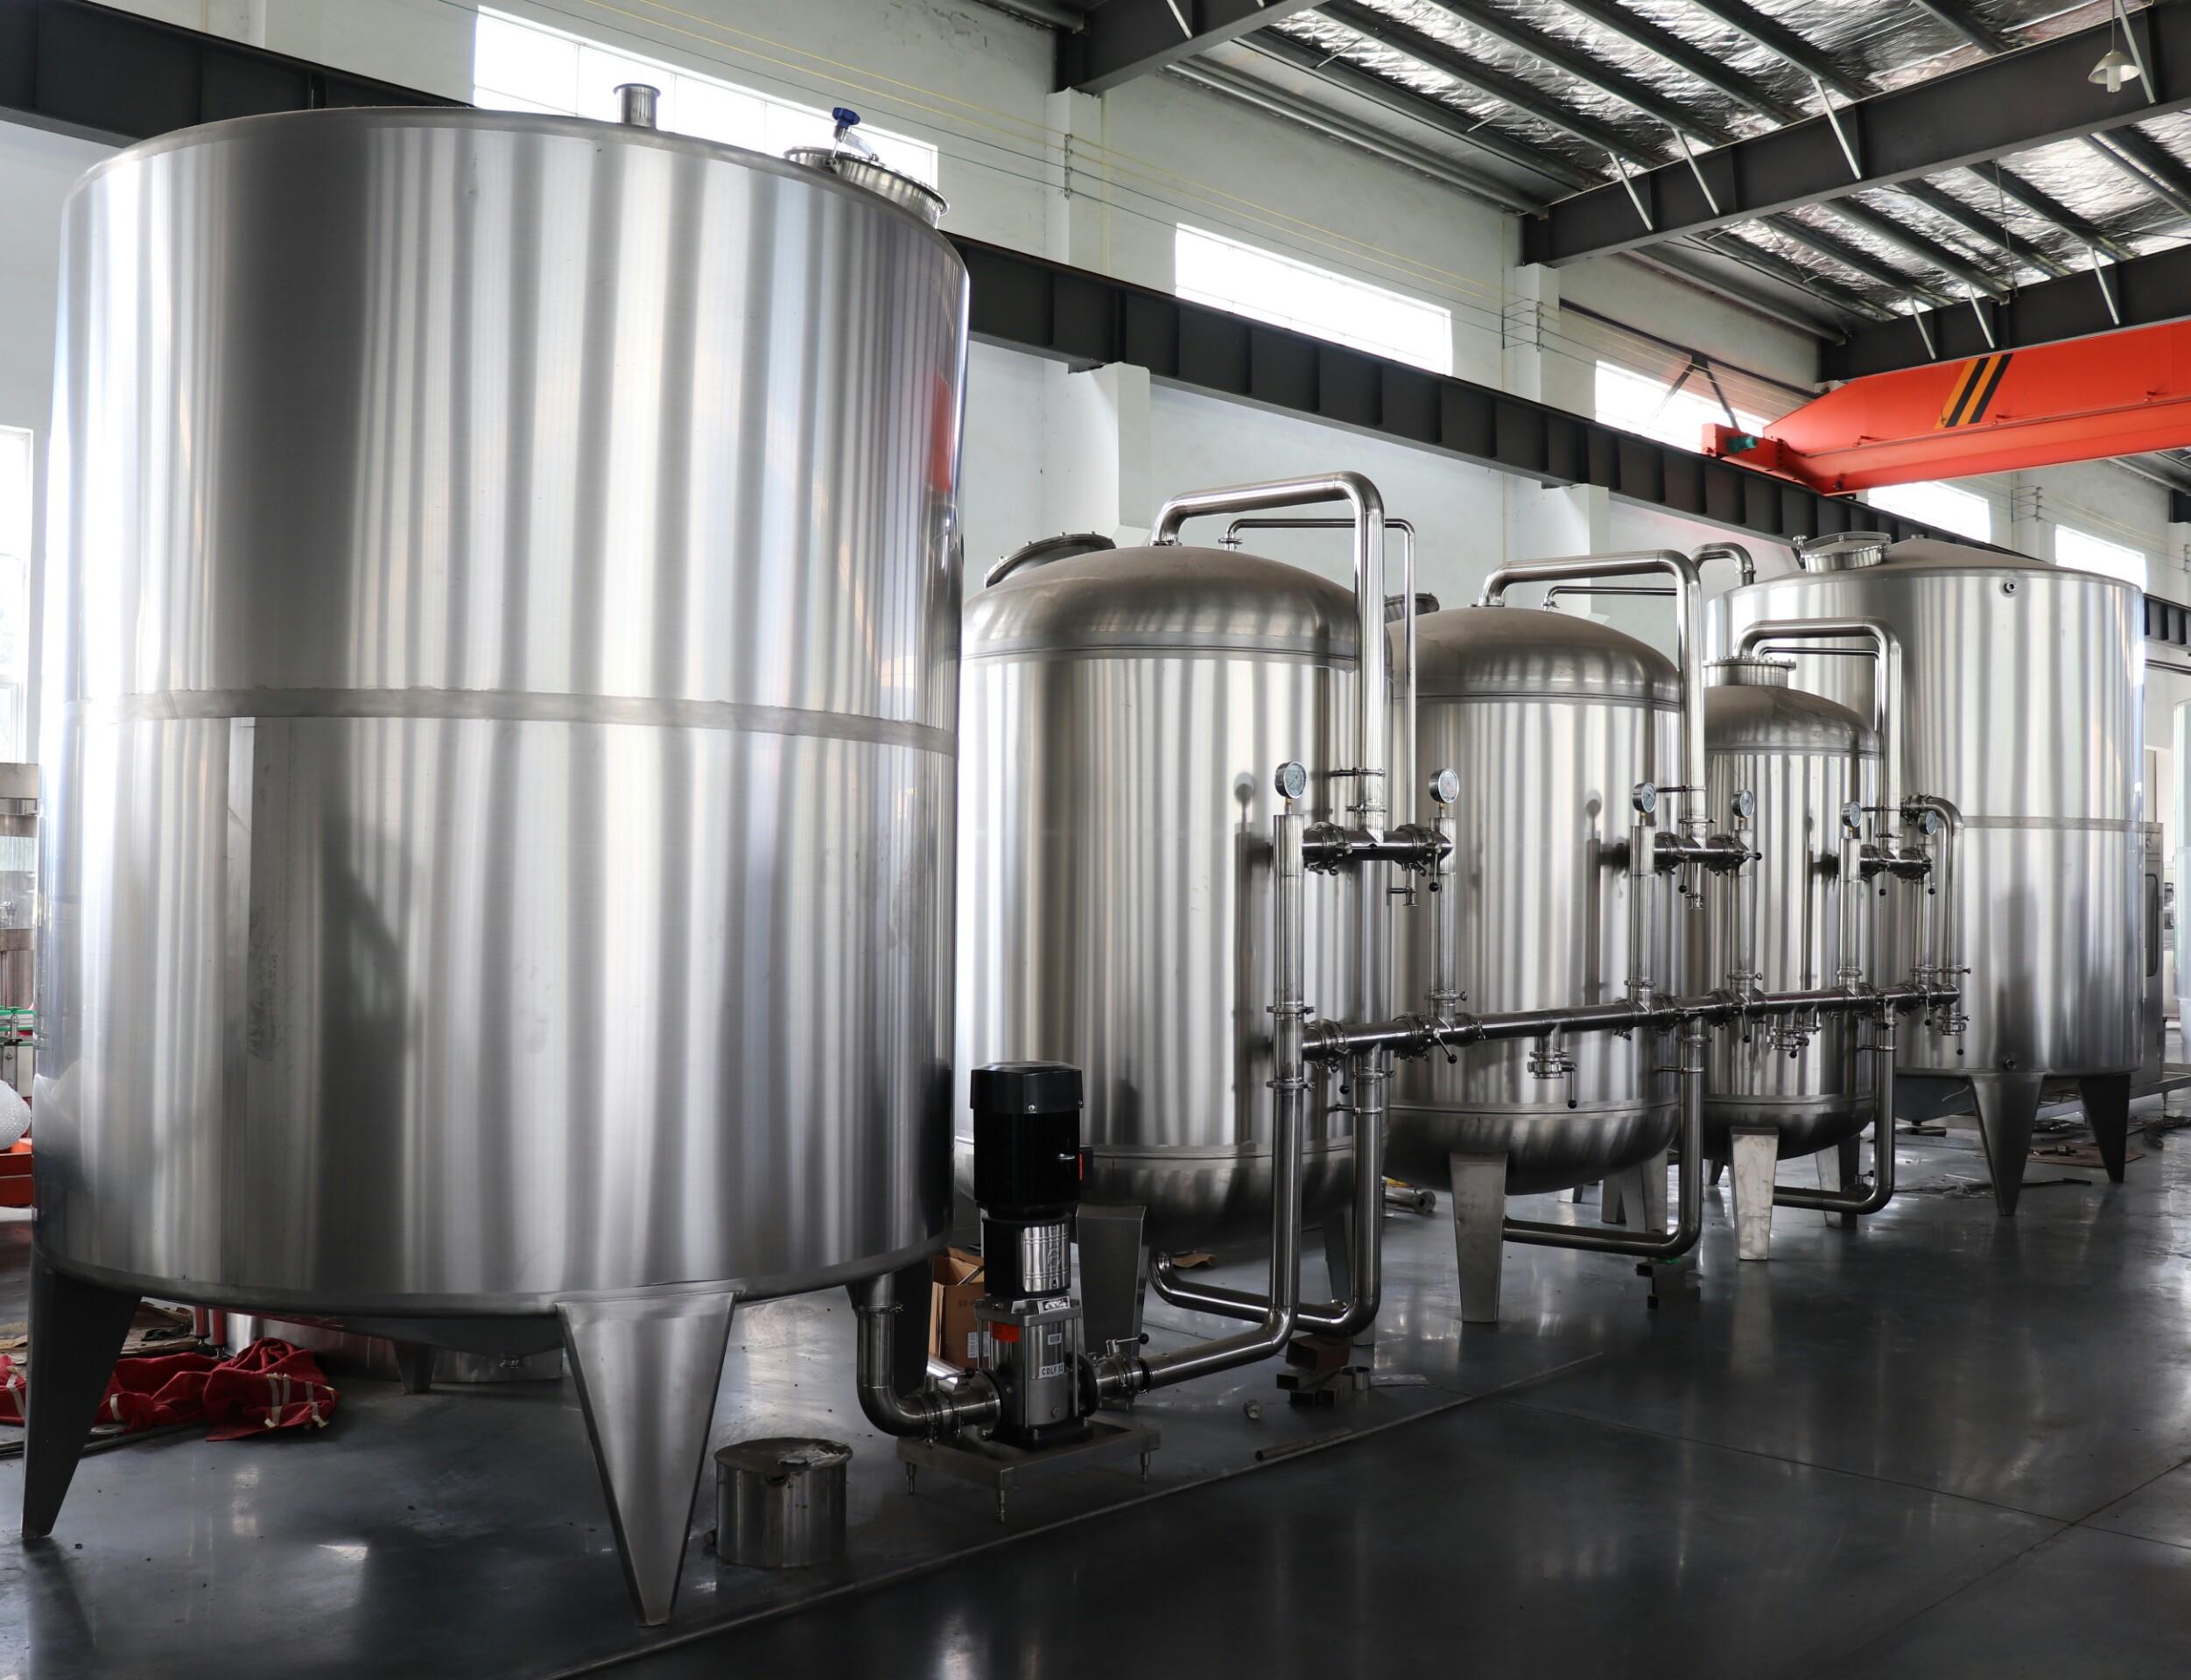 التلقائي 3 في 1 الغازية المياه مشروب غازي تعبئة آلة/خط/مصنع السعر